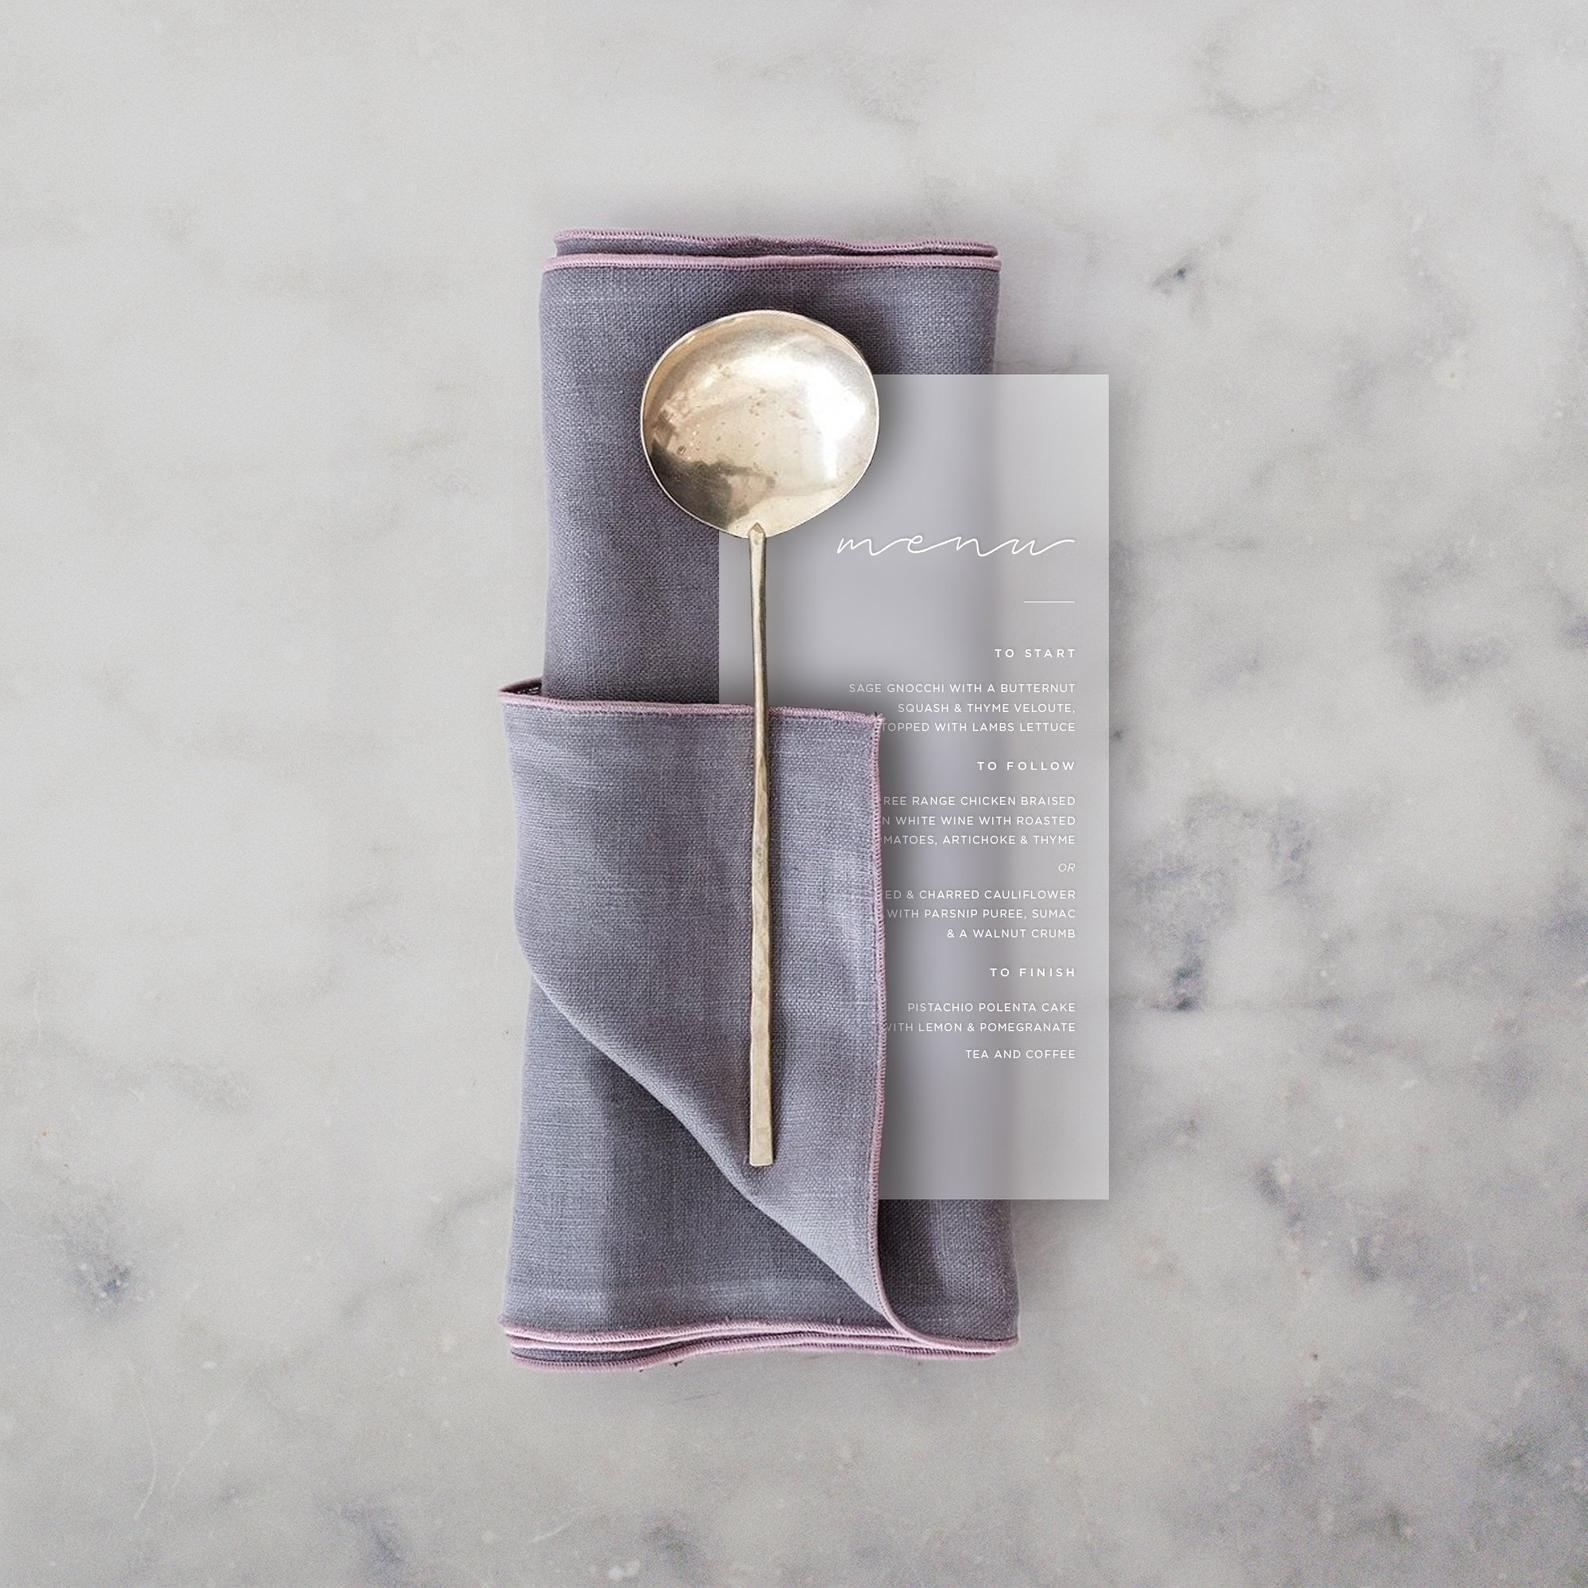 Svadobné menu - transparentný dizajn - To, že transparentné svadobné oznámenia sú absolútnym hitom tejto svadobnej sézony ste už isto postrehli😉 A ja v kaktuskovej dielničke viem, že to nemusí byť len oznamko, ale perfektne v tomto štýle vyzerajú napríklad aj menu alebo dokonca vizitky,